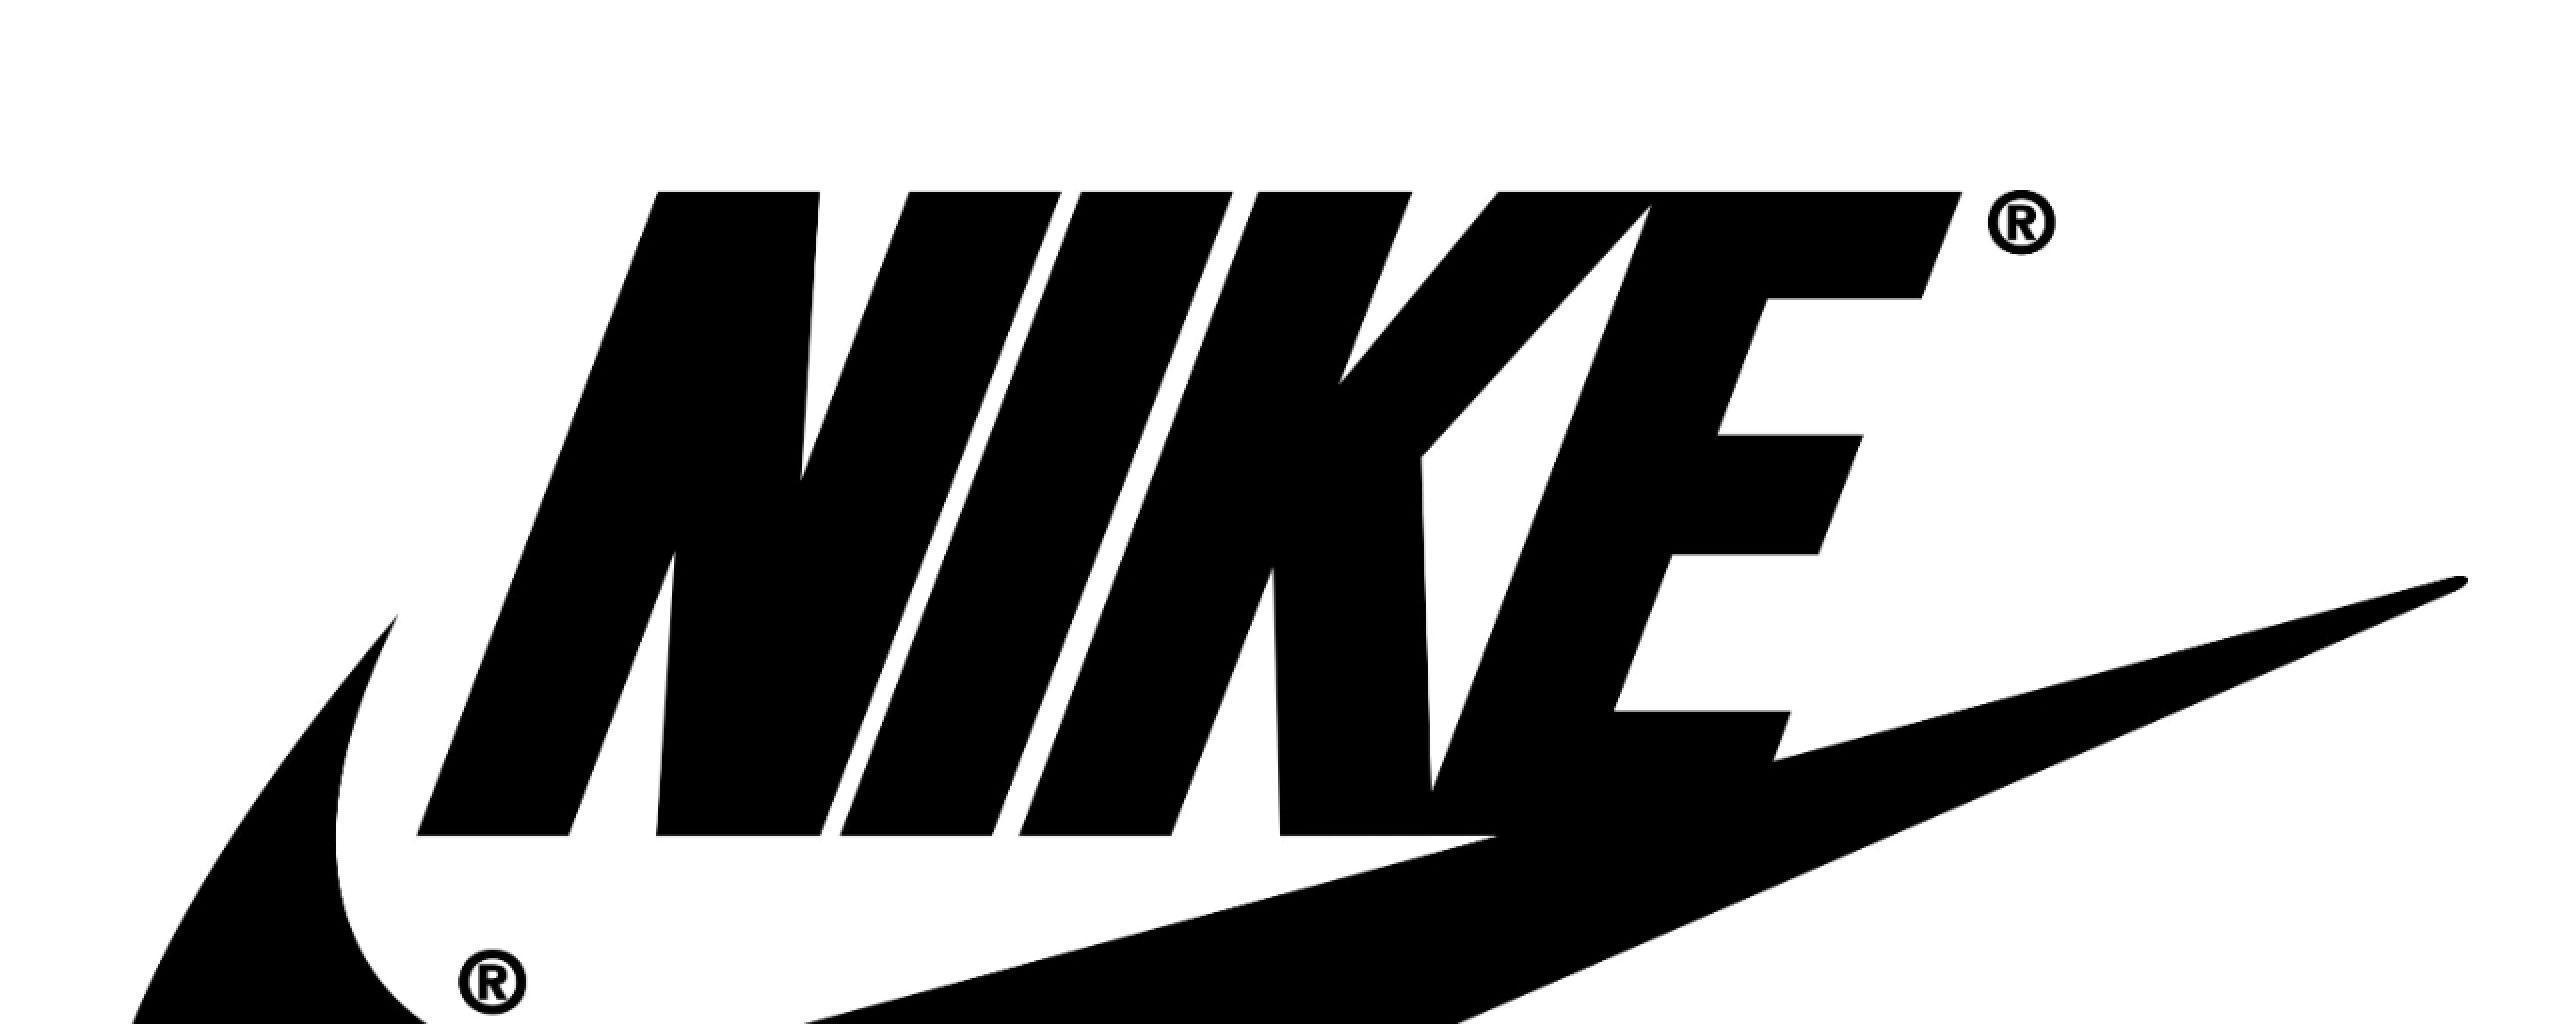 Nike Black Wallpapers - Wallpaper Cave